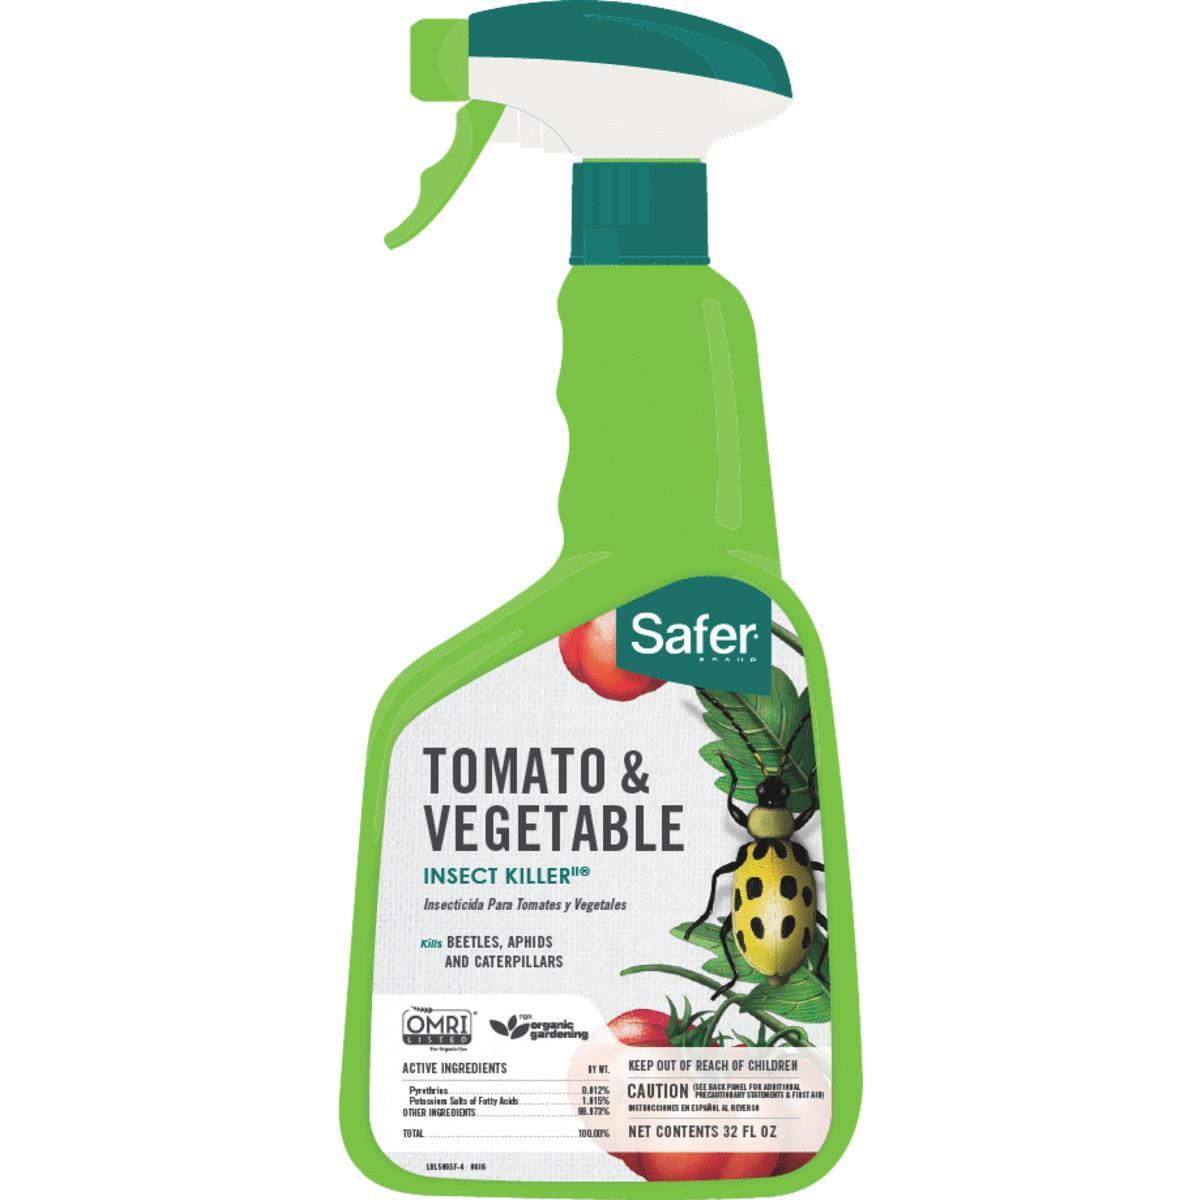 Buy Safer Tomato Vegetable Insect Killer